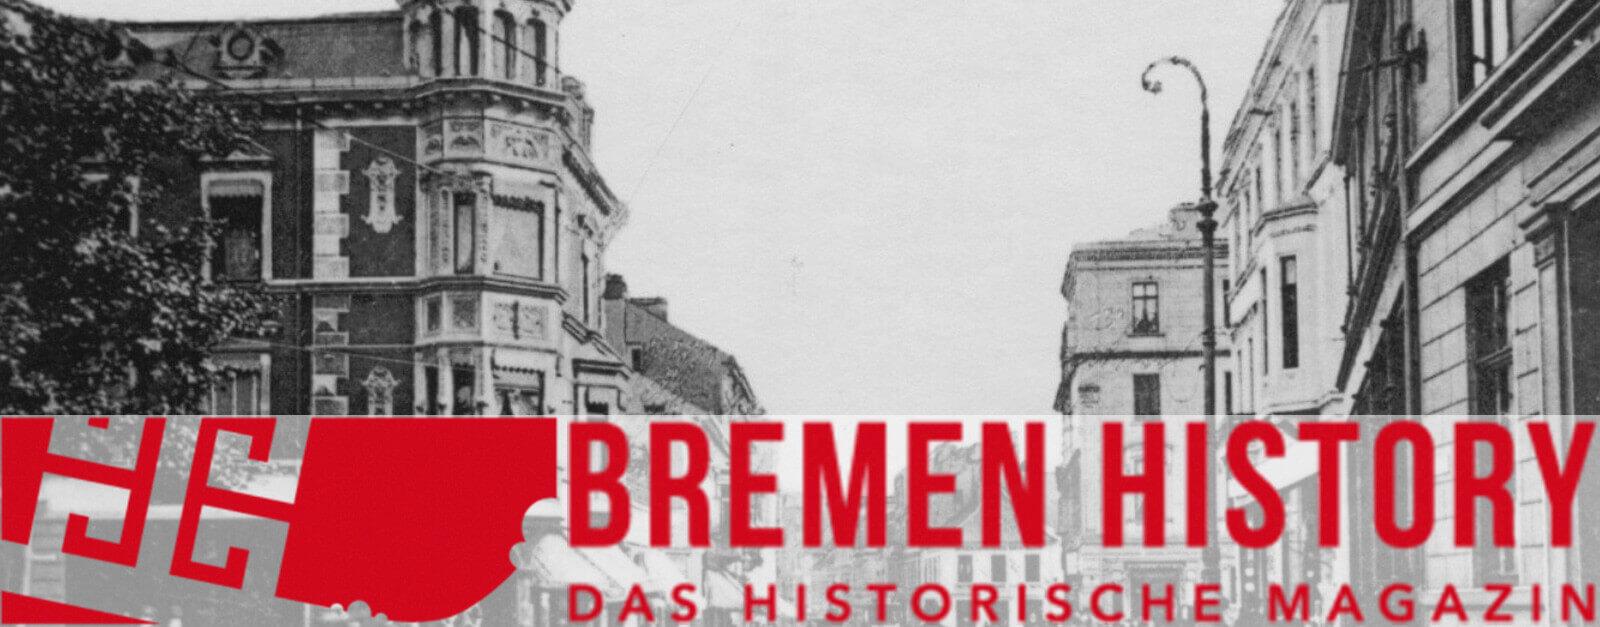 bremen-history-banner-kommabei